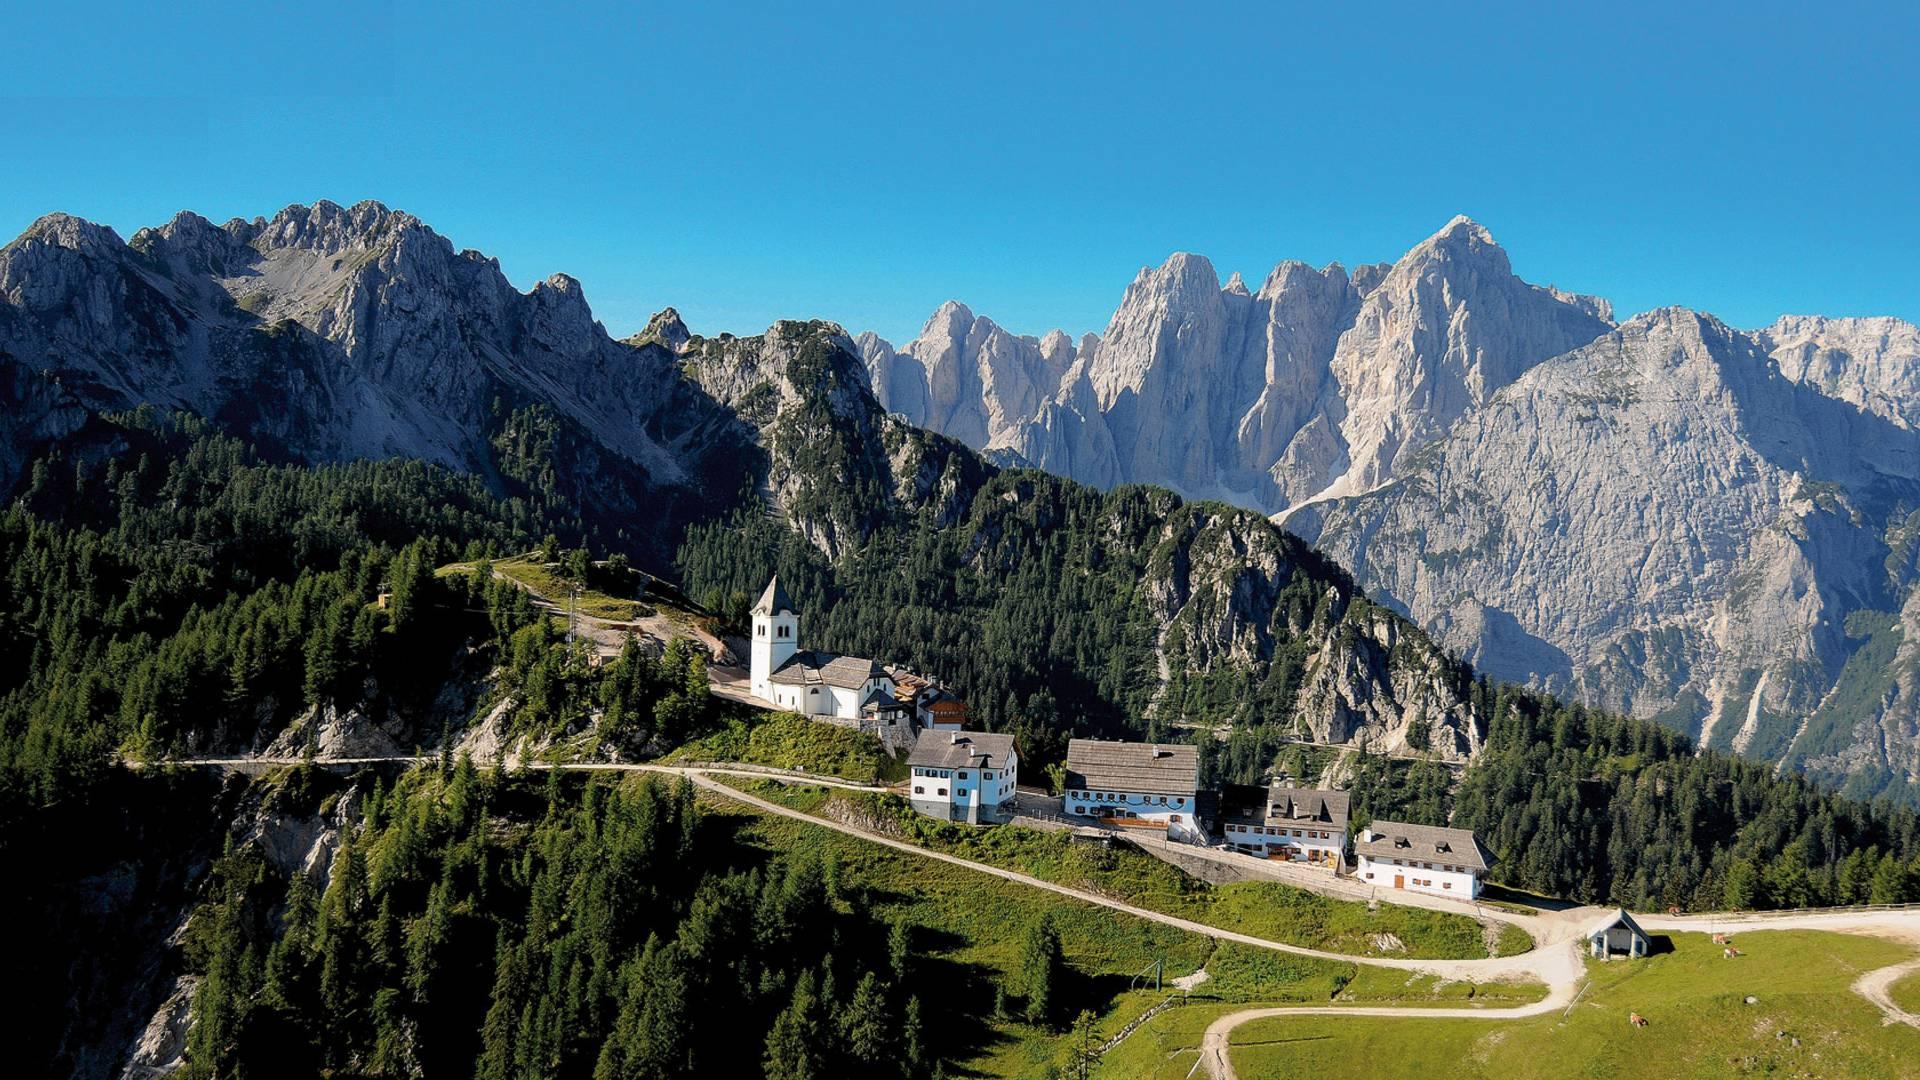 Monte Lussari. Malerischer Wallfahrtsort auf 1.790 m Seehöhe inmitten der Julischen Alpen.